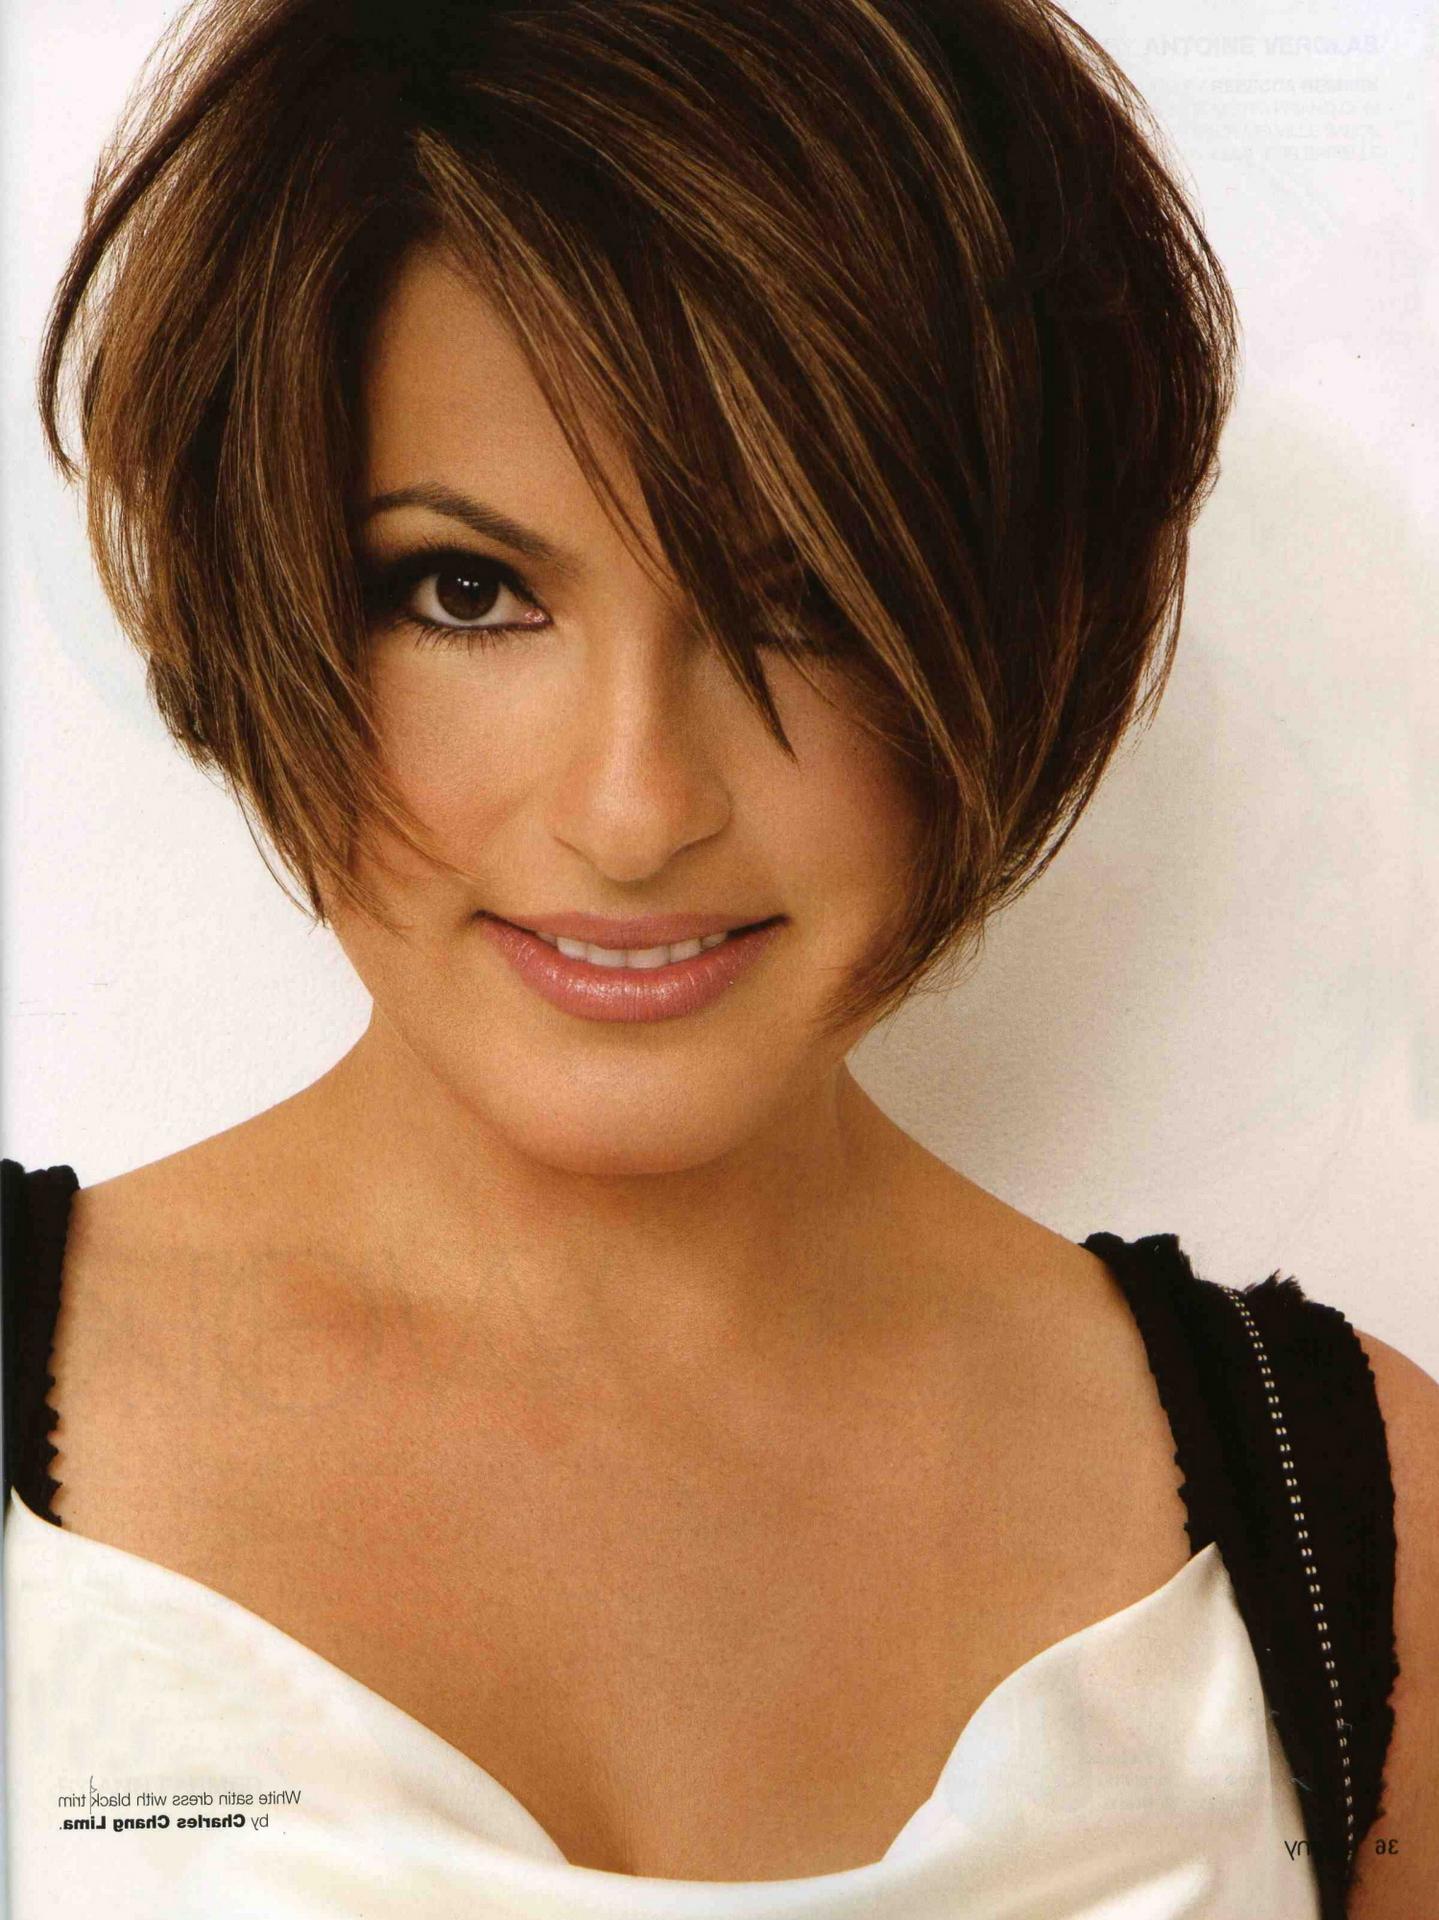 Hair Dilemma: Chop It Off Or Keep It? What Cut? – Haircut Regarding Short Haircuts Bobs Crops (View 22 of 26)